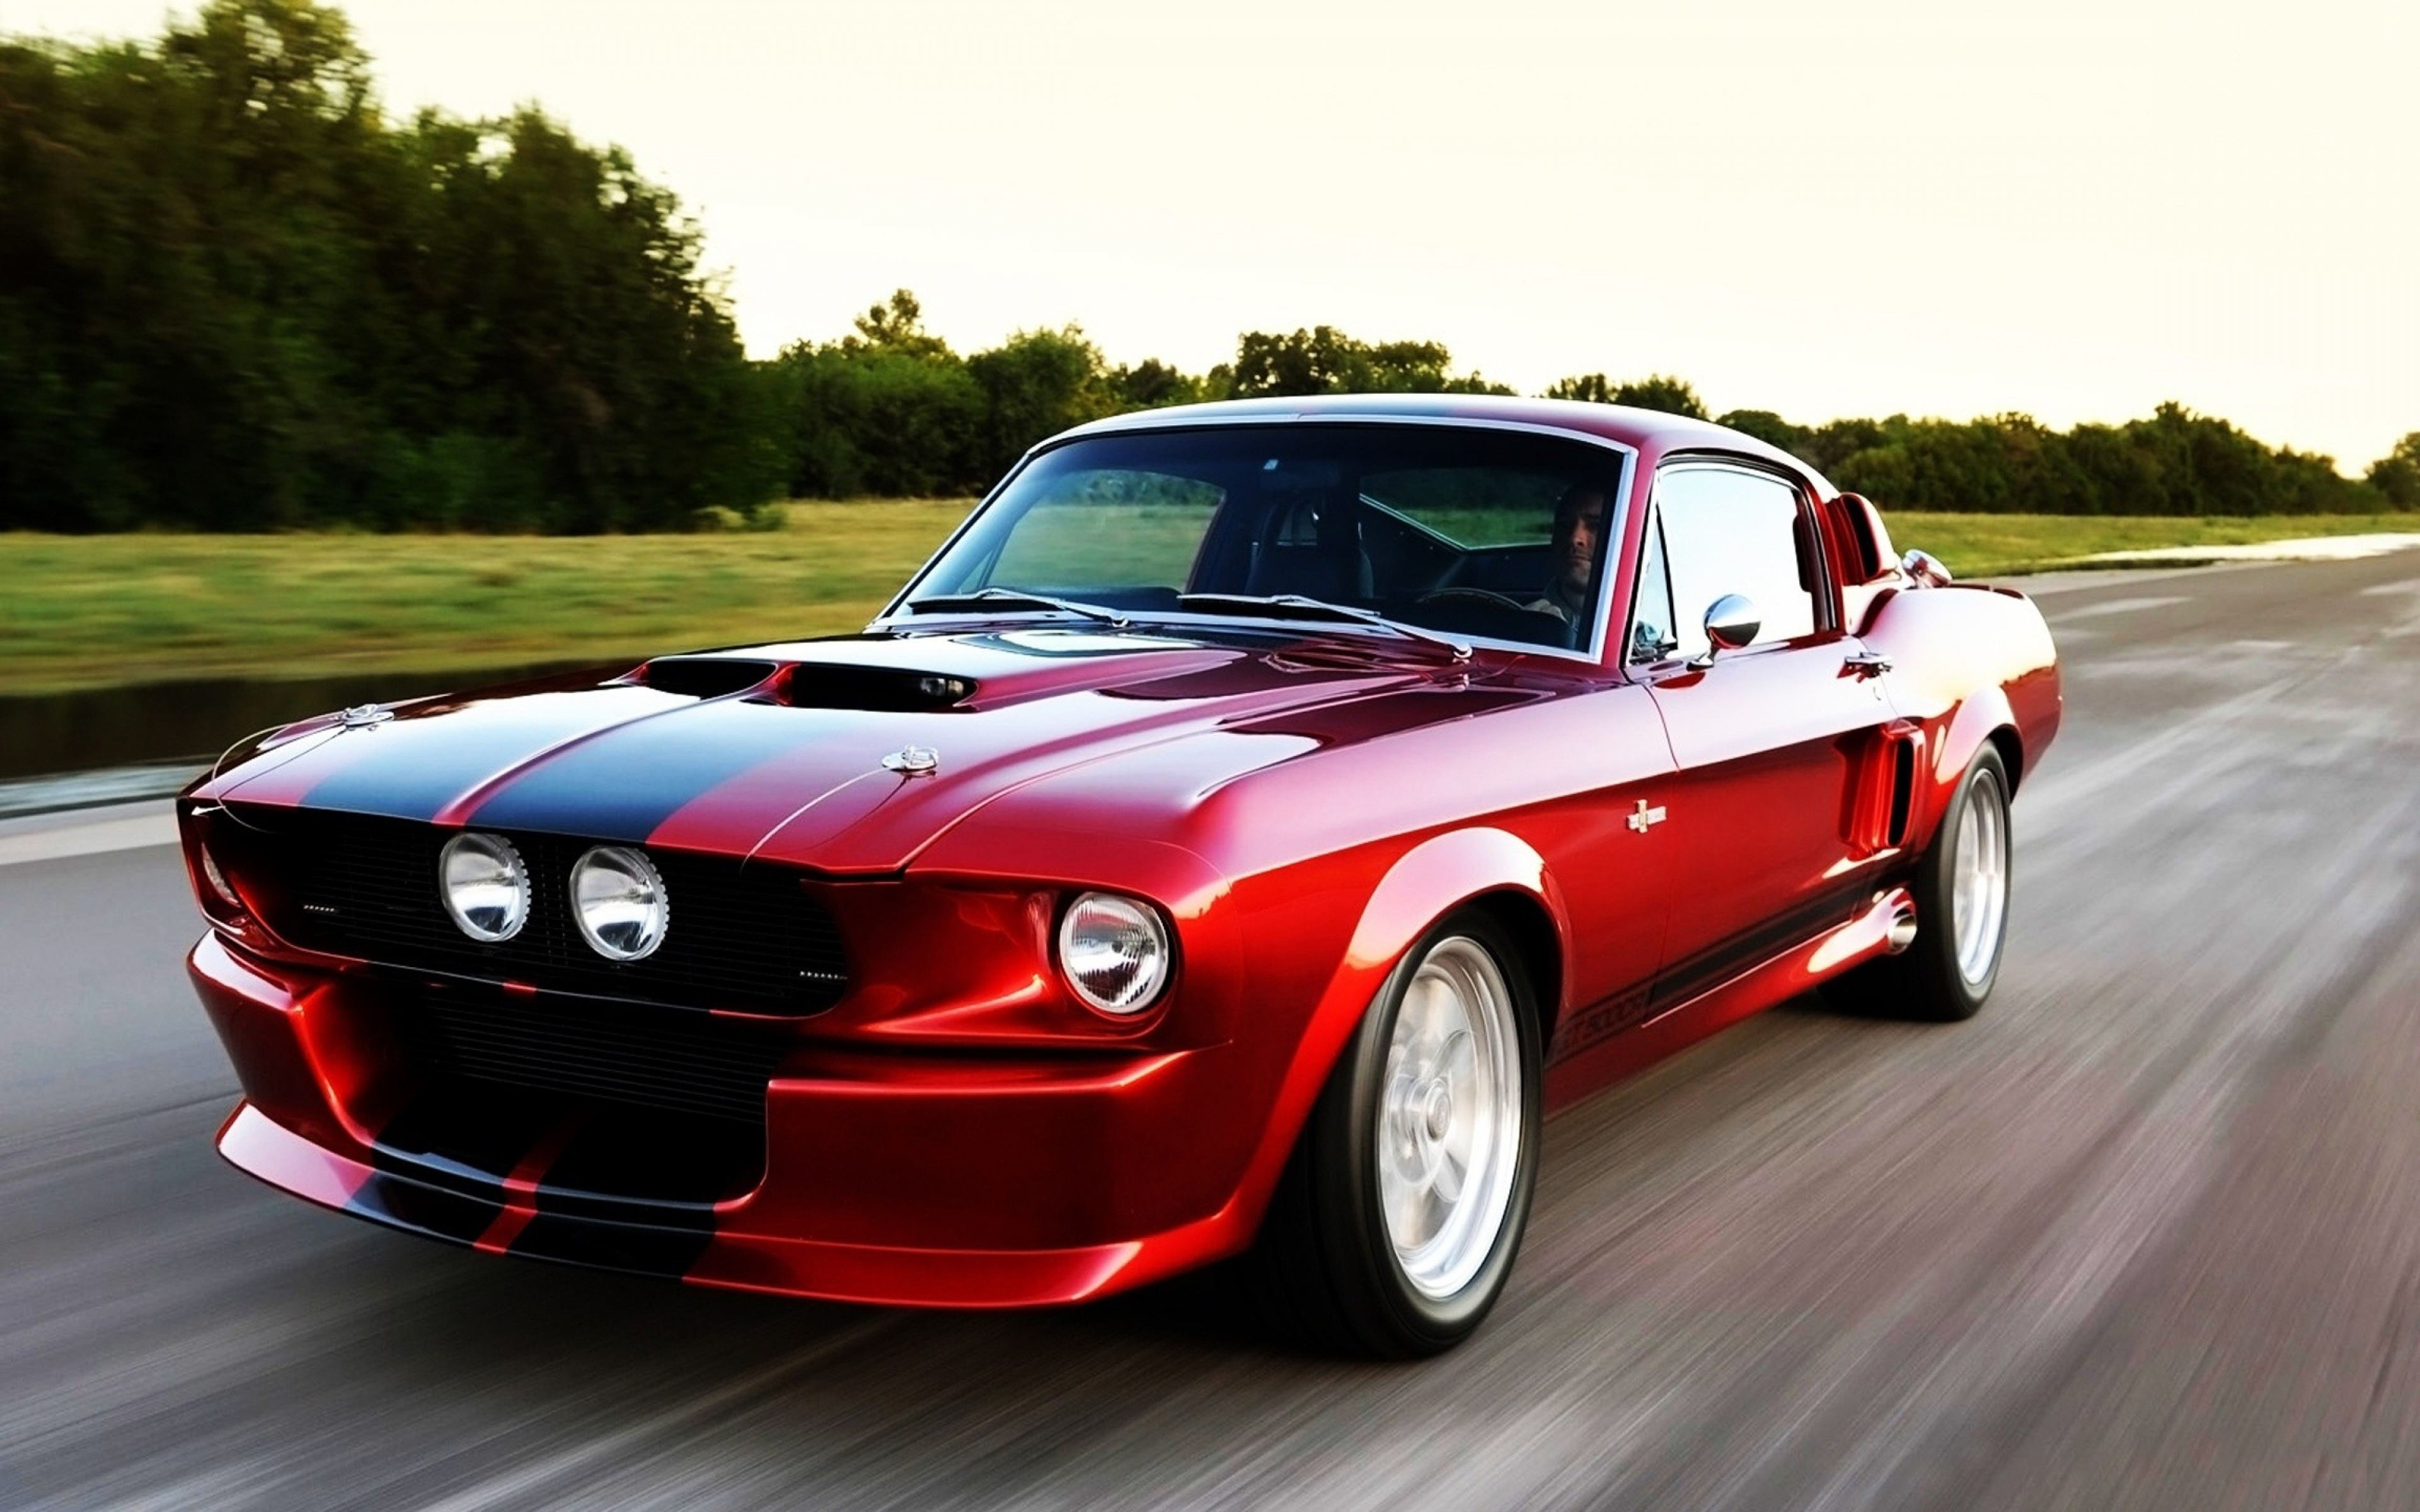 Mustang 4K Wallpaper - WallpaperSafari